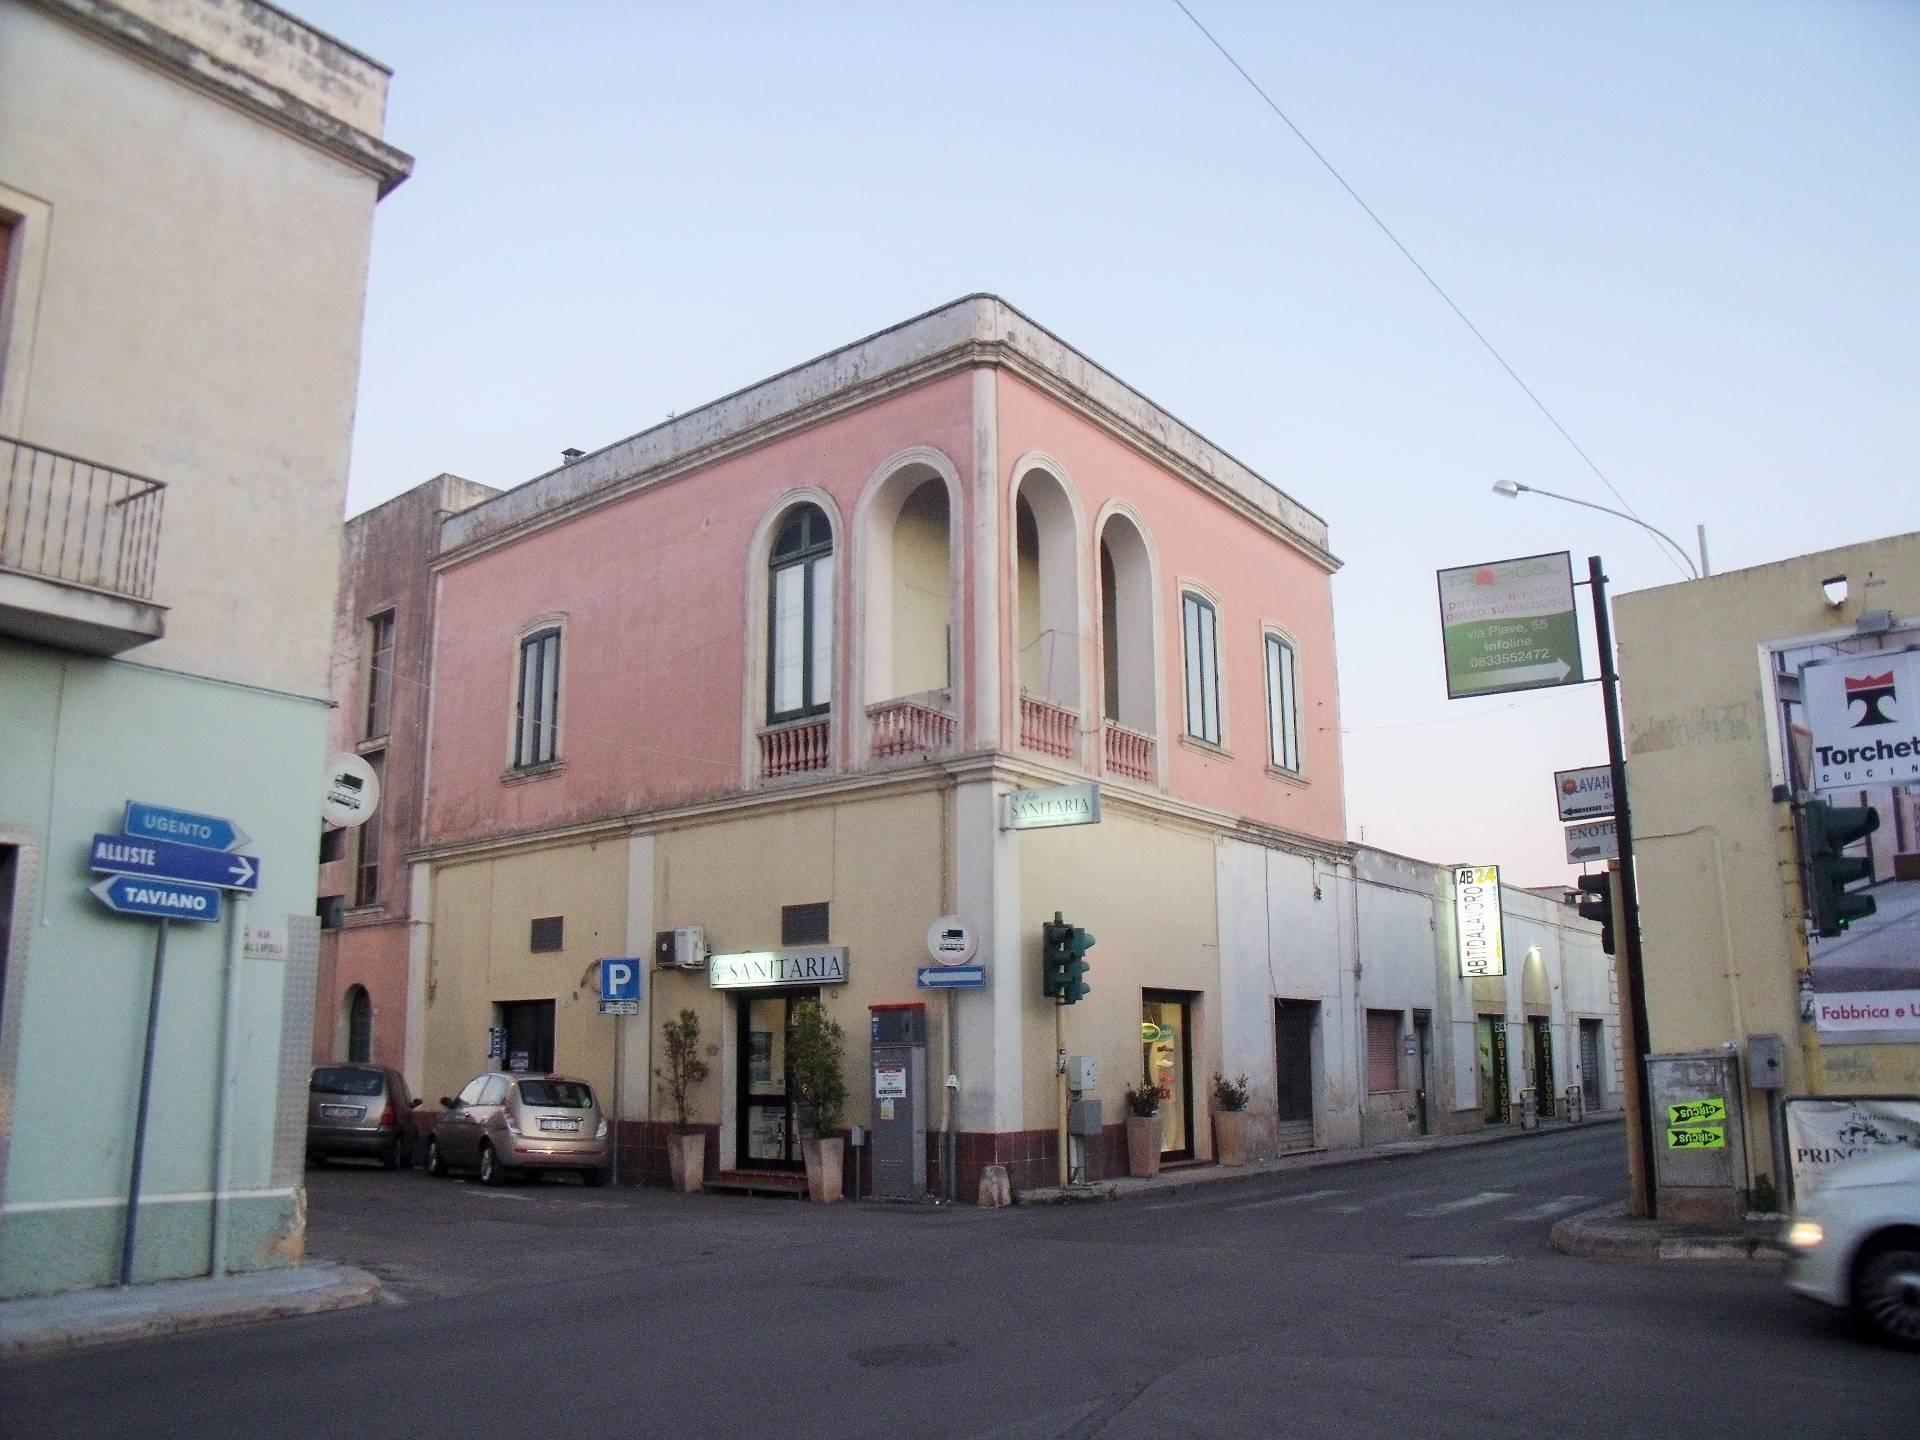 Soluzione Indipendente in vendita a Racale, 7 locali, prezzo € 110.000   CambioCasa.it